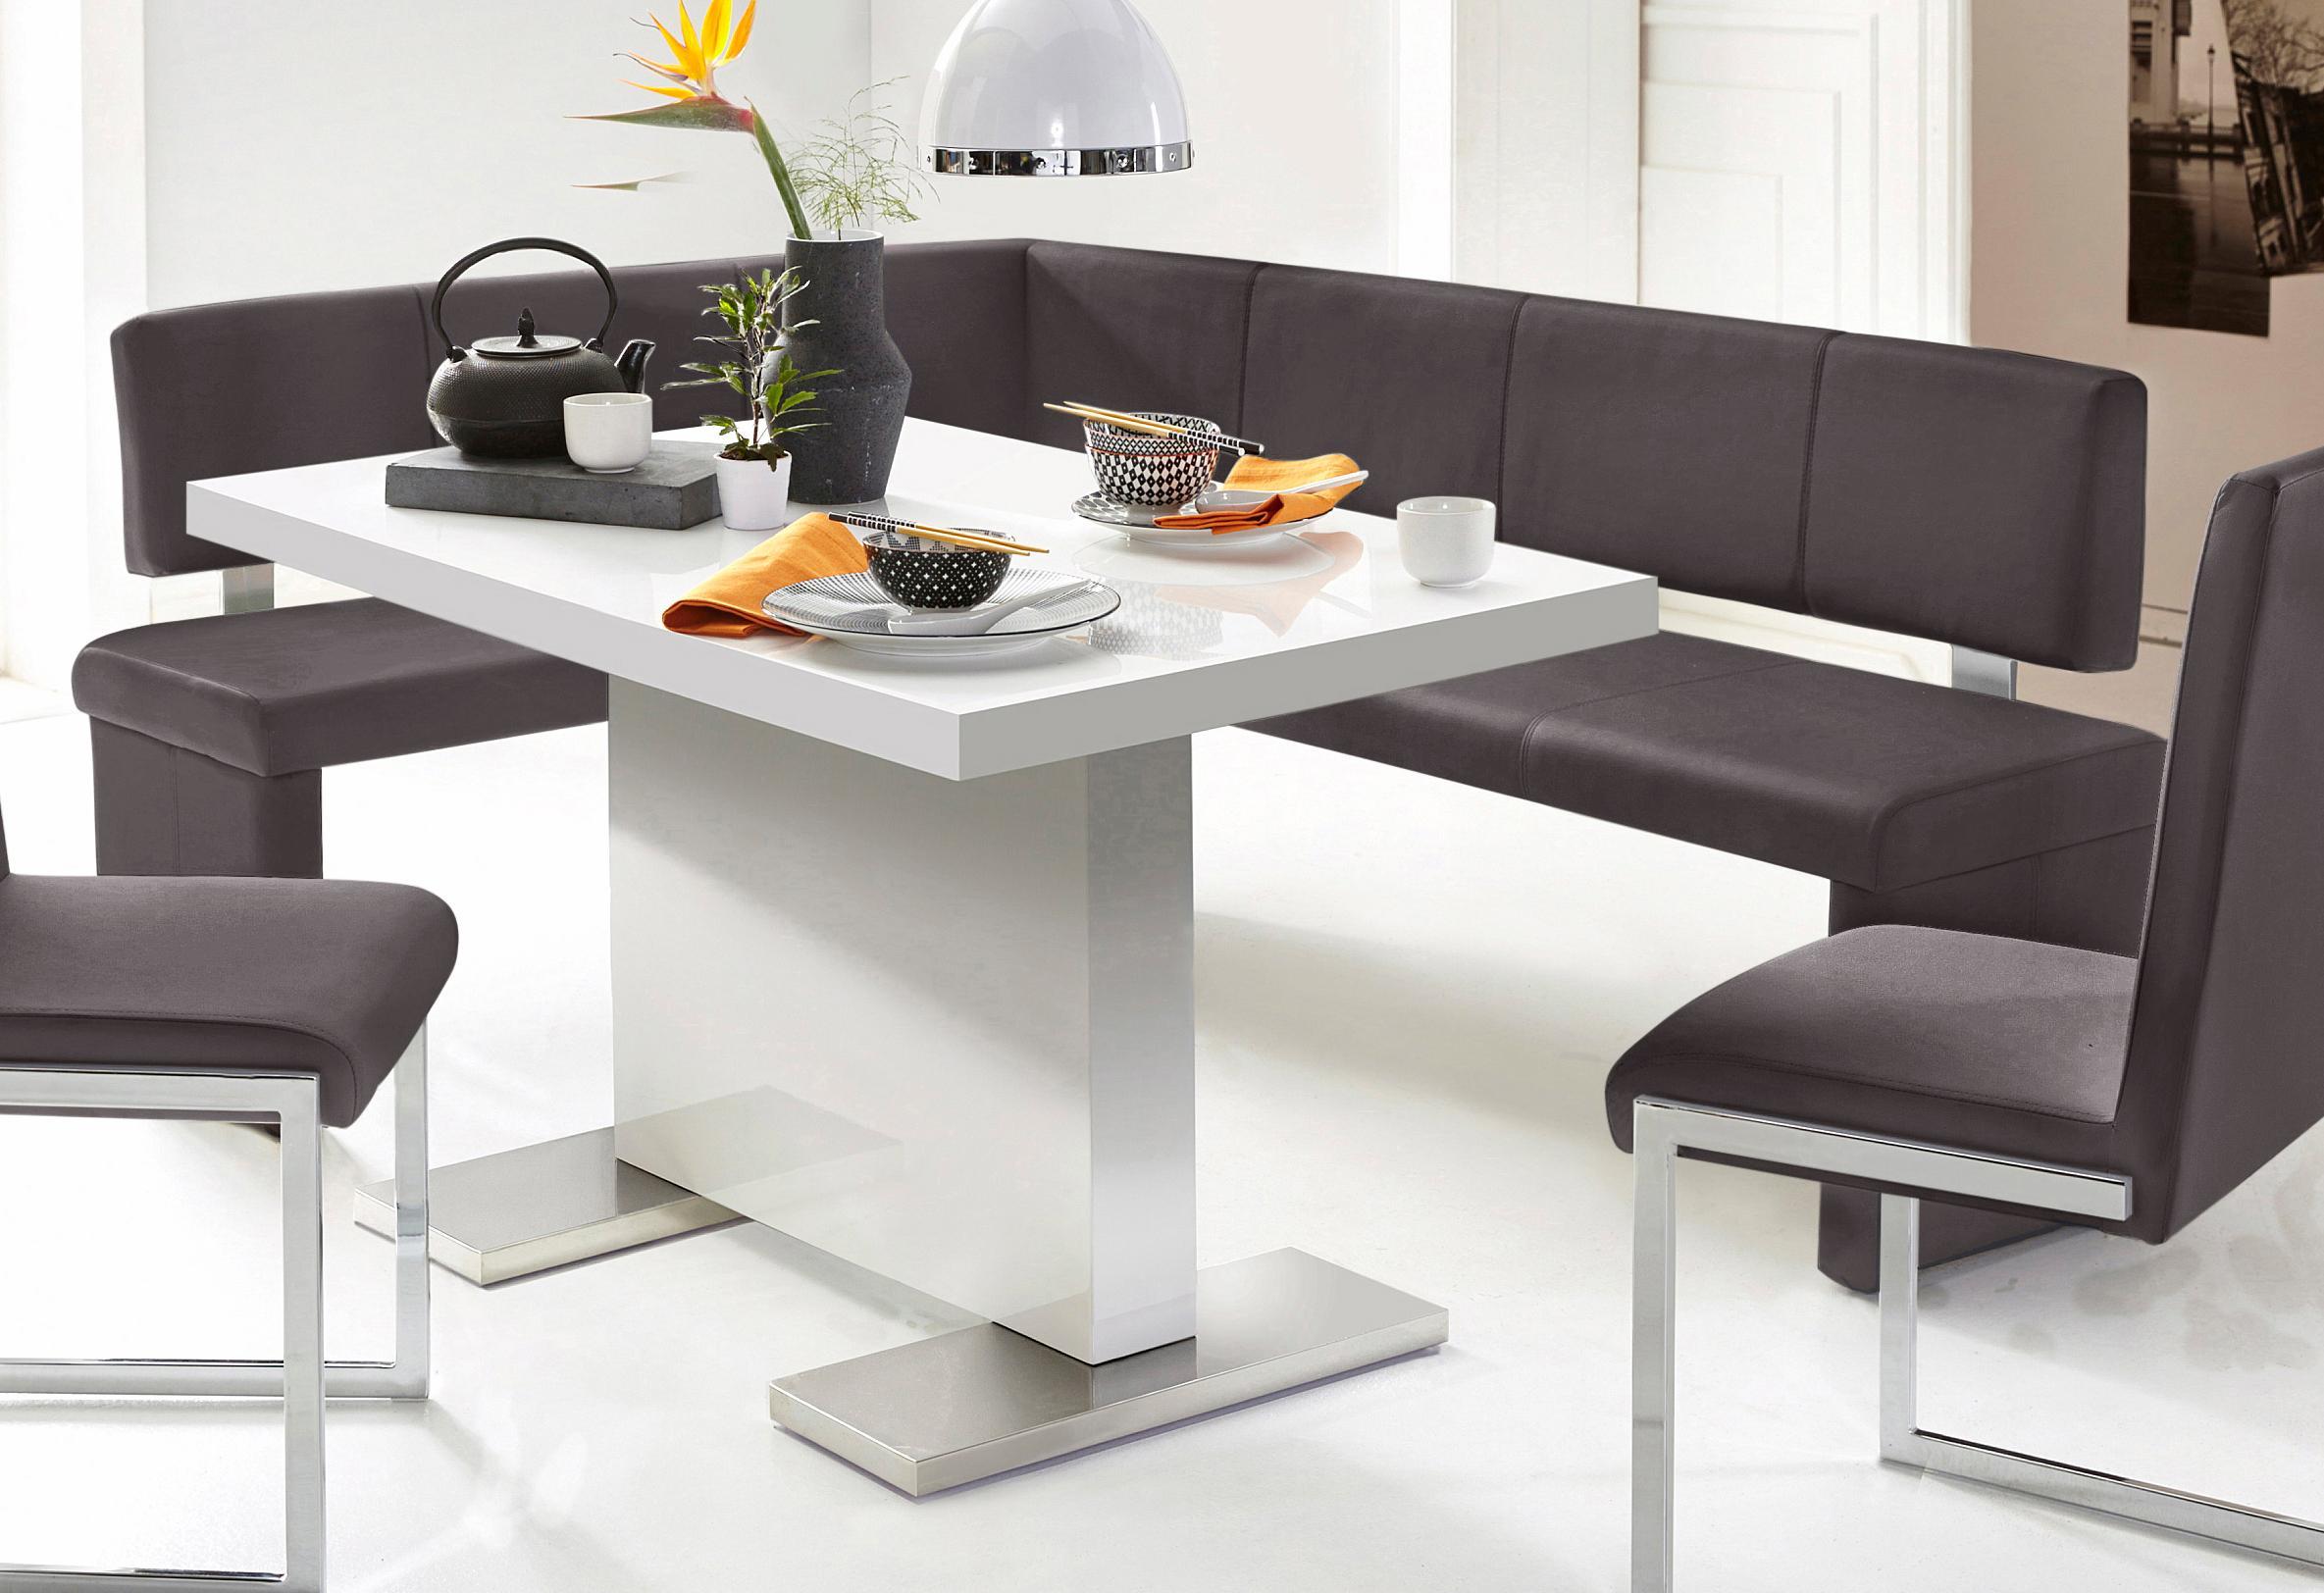 Steinhoff Eckbank | Küche und Esszimmer > Sitzbänke > Eckbänke | Kunstleder | STEINHOFF